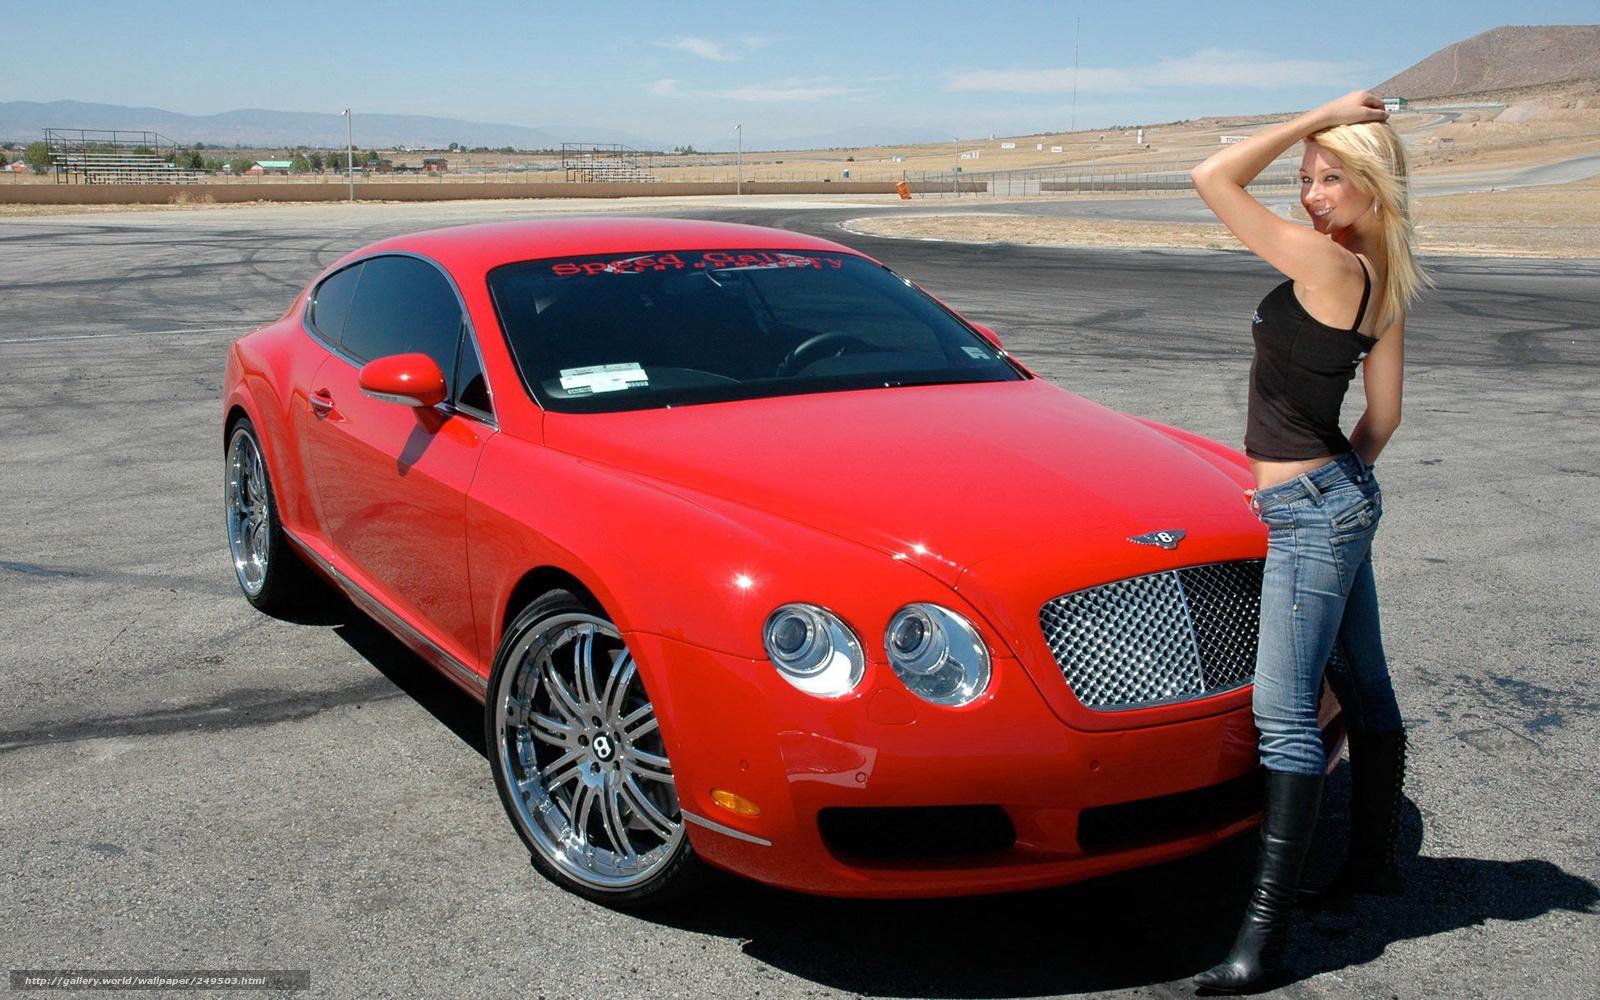 Красивые девушки и дорогие машины фото и